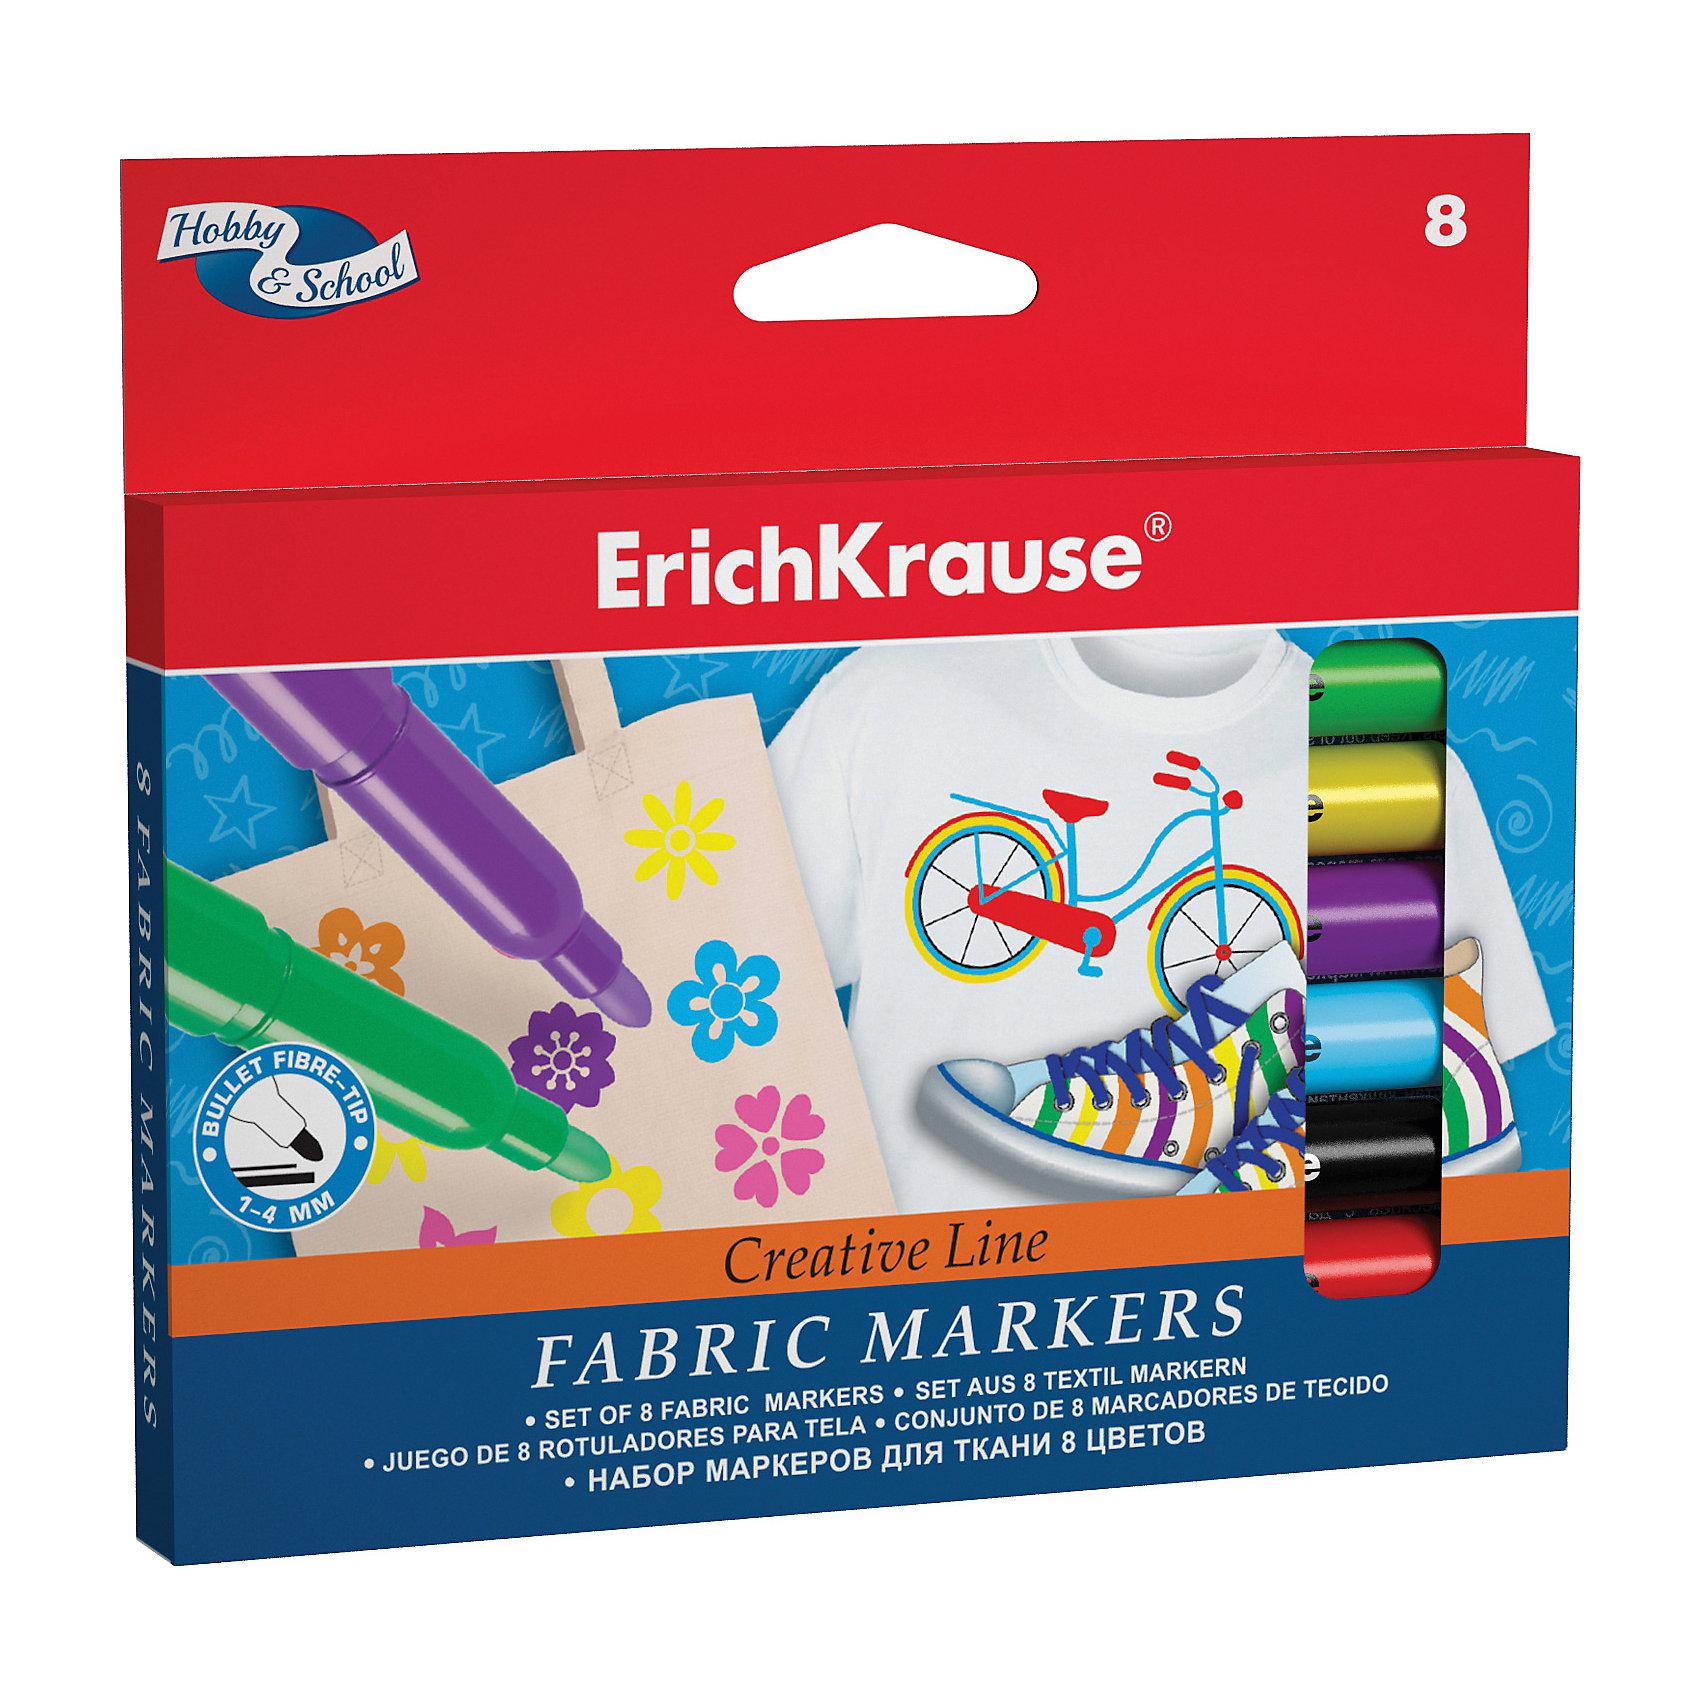 Фломастеры для ткани, 8 цв., Erich KrauseПринадлежности для творчества<br>Фломастеры для ткани, 8 цв., Erich Krause (Эрих Краузе) - это настоящая находка для юного художника.<br>Фломастеры для ткани от немецкой компании Erich Krause (Эрих Краузе) сделают из вашего малыша настоящего дизайнера. Фломастеры способны рисовать на любых текстильных поверхностях, будь то платье для куклы, шорты, сумка и даже тканевые кеды. Товар соответствует европейским стандартам качества.<br><br>Дополнительная информация:<br><br>- Количество: 8 шт.<br>- Упаковка: картонная коробка с европодвесом<br>- Размер упаковки: 1,5 ? 14 ? 12,5 см.<br><br>Фломастеры для ткани, 8 цв., Erich Krause (Эрих Краузе) можно купить в нашем интернет-магазине.<br><br>Ширина мм: 140<br>Глубина мм: 15<br>Высота мм: 125<br>Вес г: 90<br>Возраст от месяцев: 36<br>Возраст до месяцев: 180<br>Пол: Унисекс<br>Возраст: Детский<br>SKU: 4744511